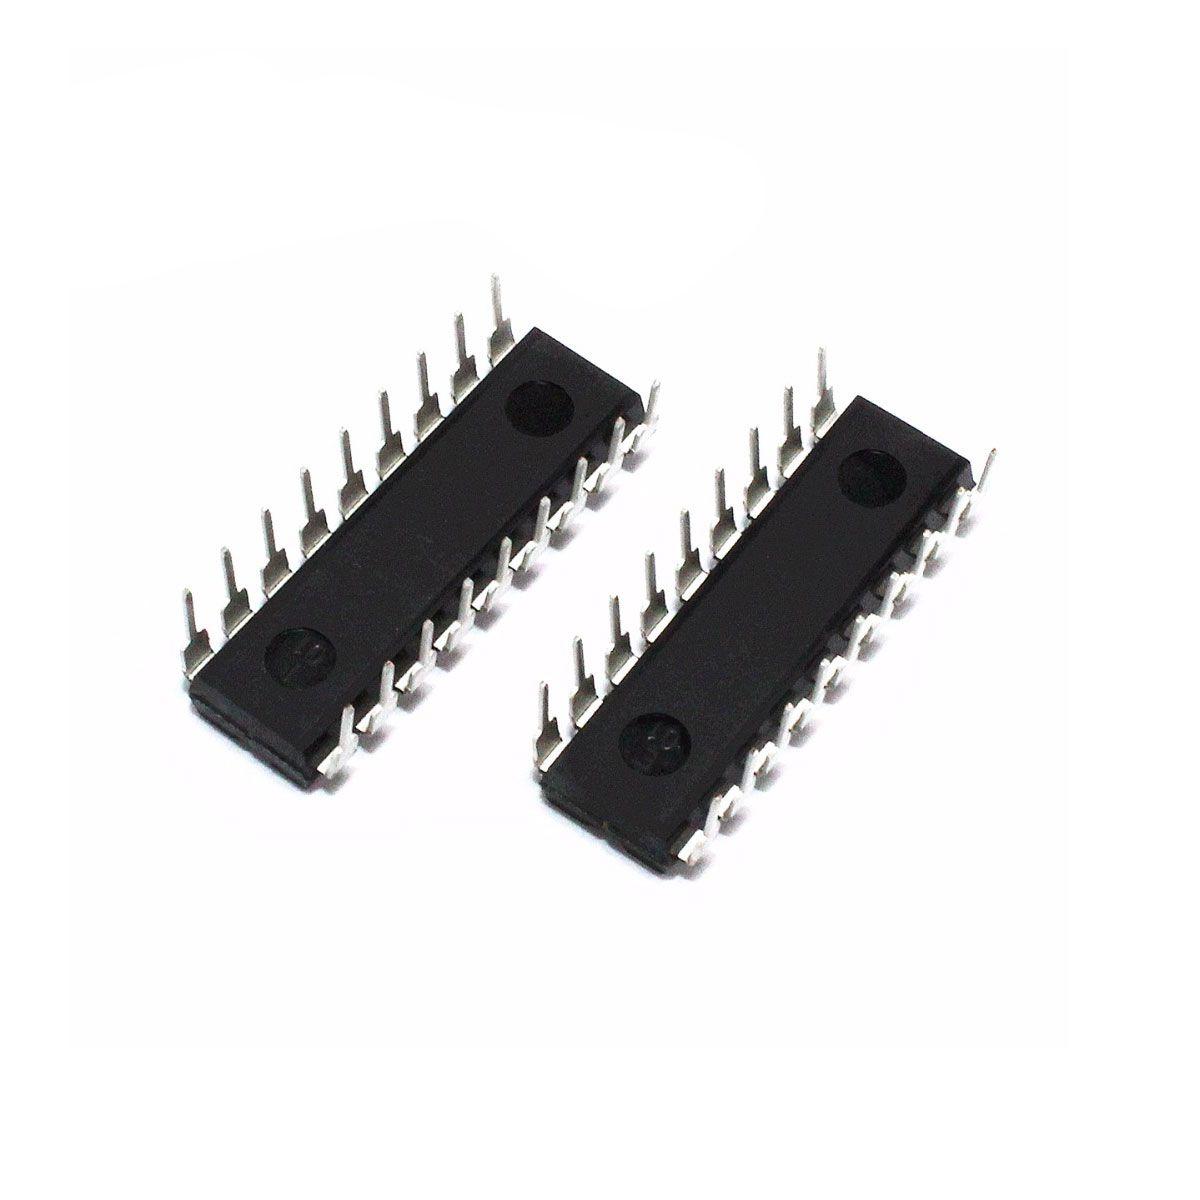 Kit HT12E e HT12D Encoder e Decoder para RF 433 Mhz